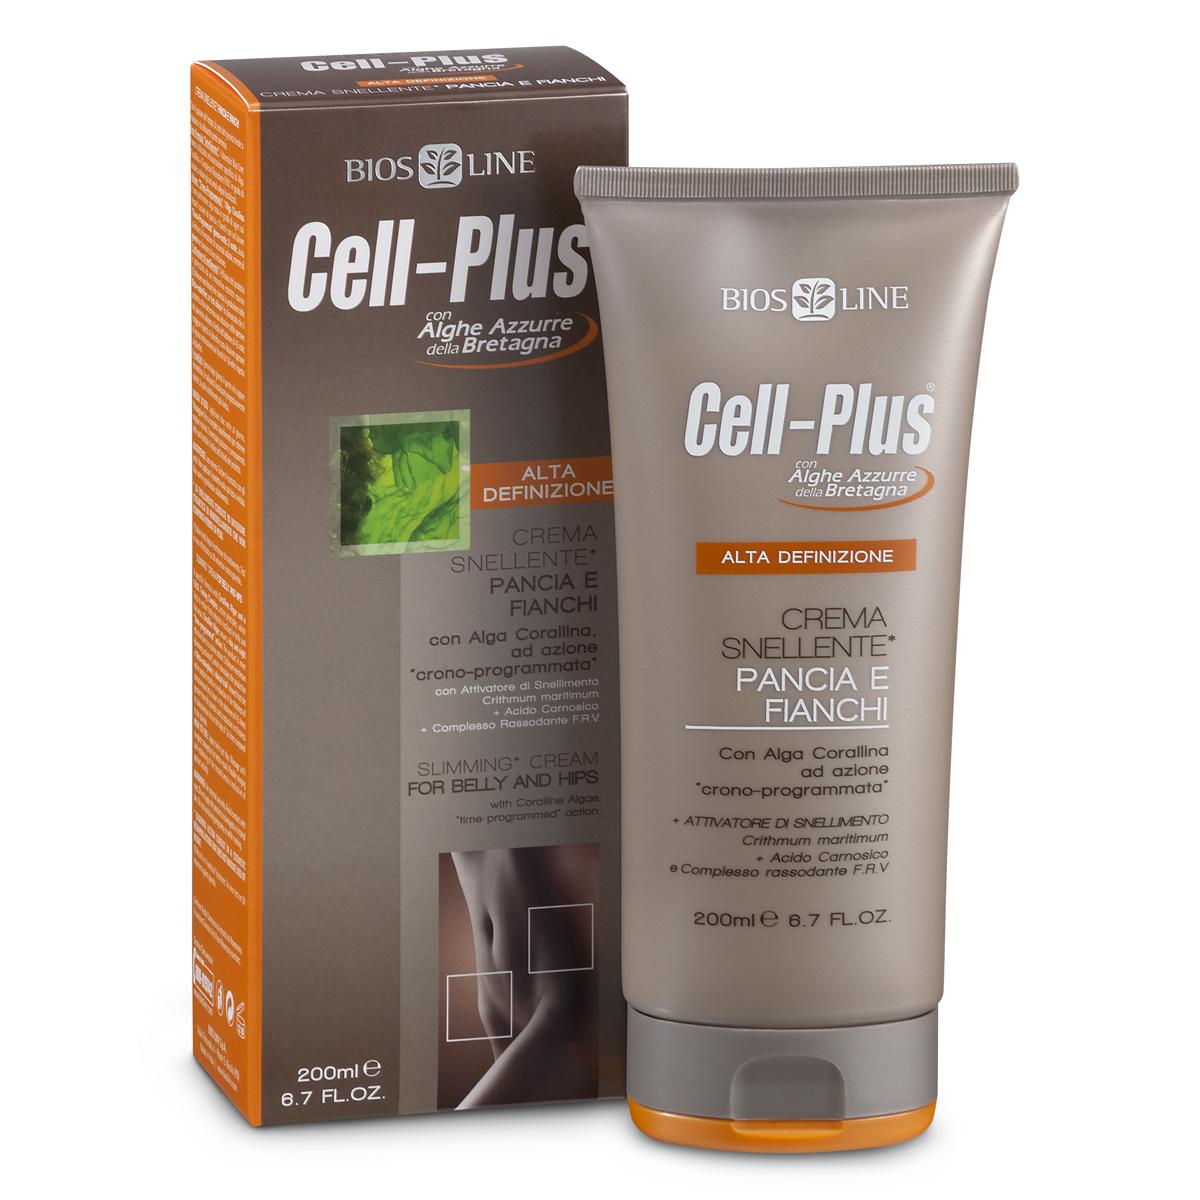 Crema Pancia e Fianchi Cell-Plus